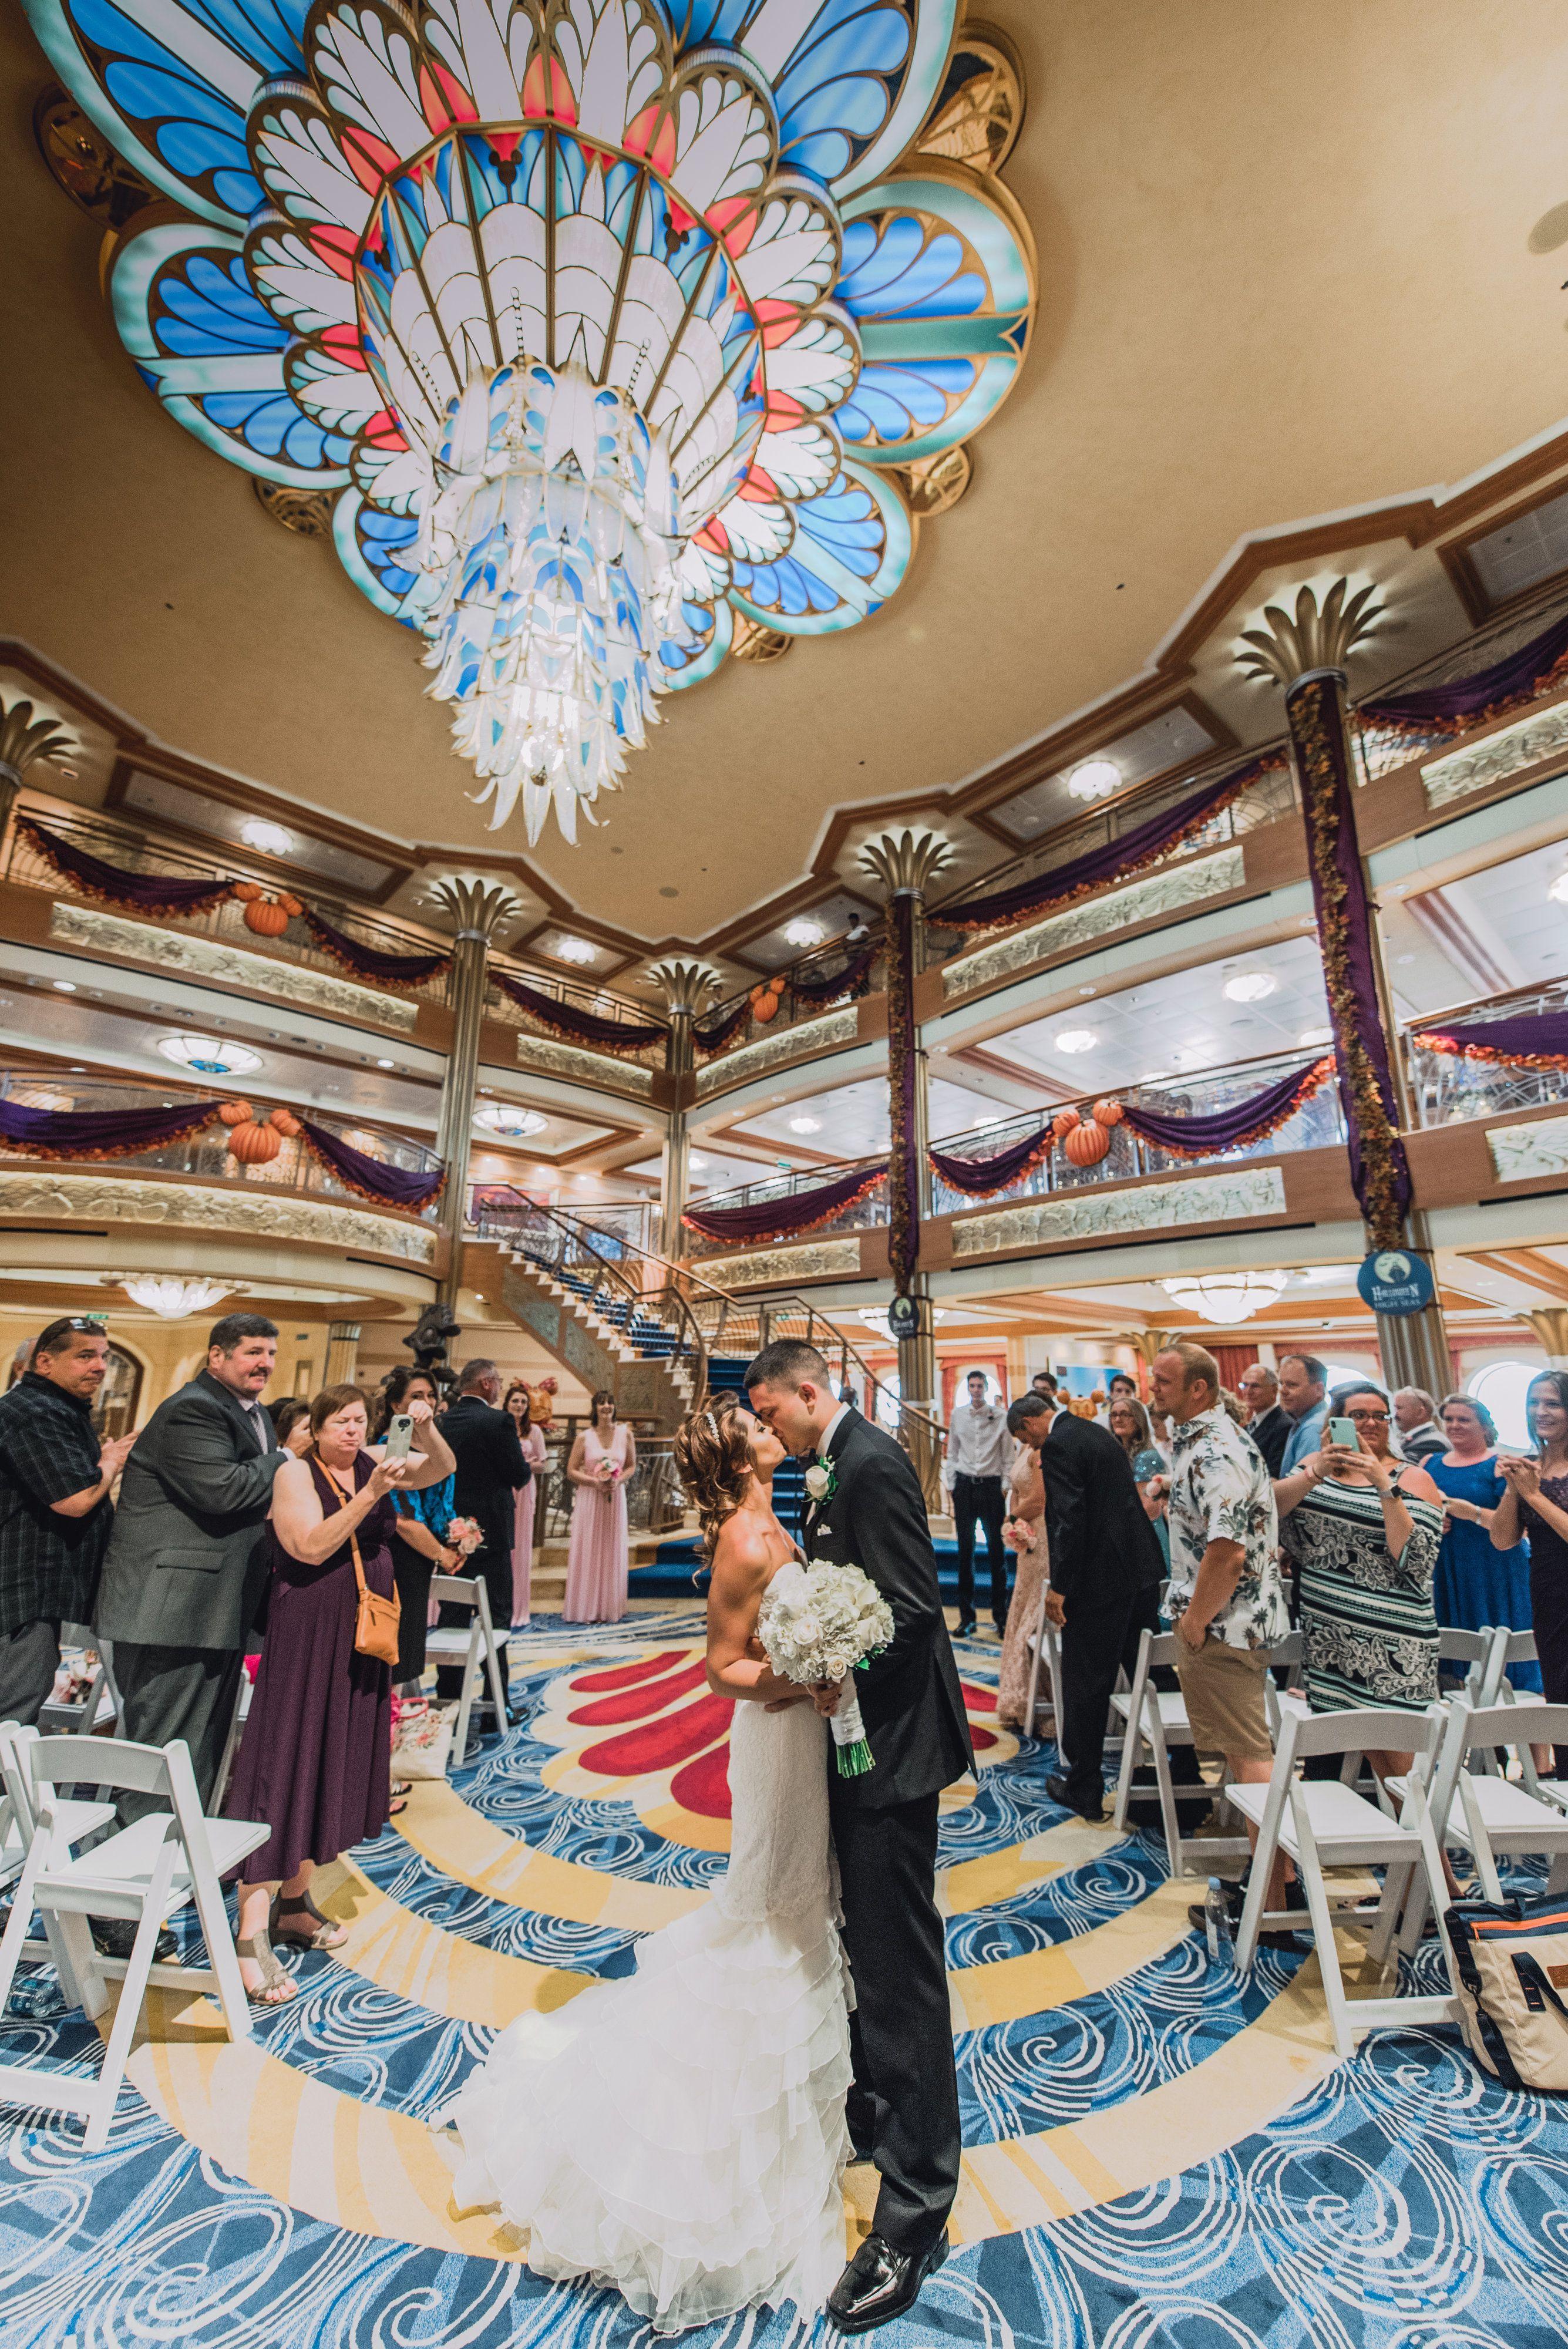 Disney Wedding Aboard The Disney Dream Cruise Ship Disney Cruise Wedding Disney Dream Cruise Disney Dream Cruise Ship